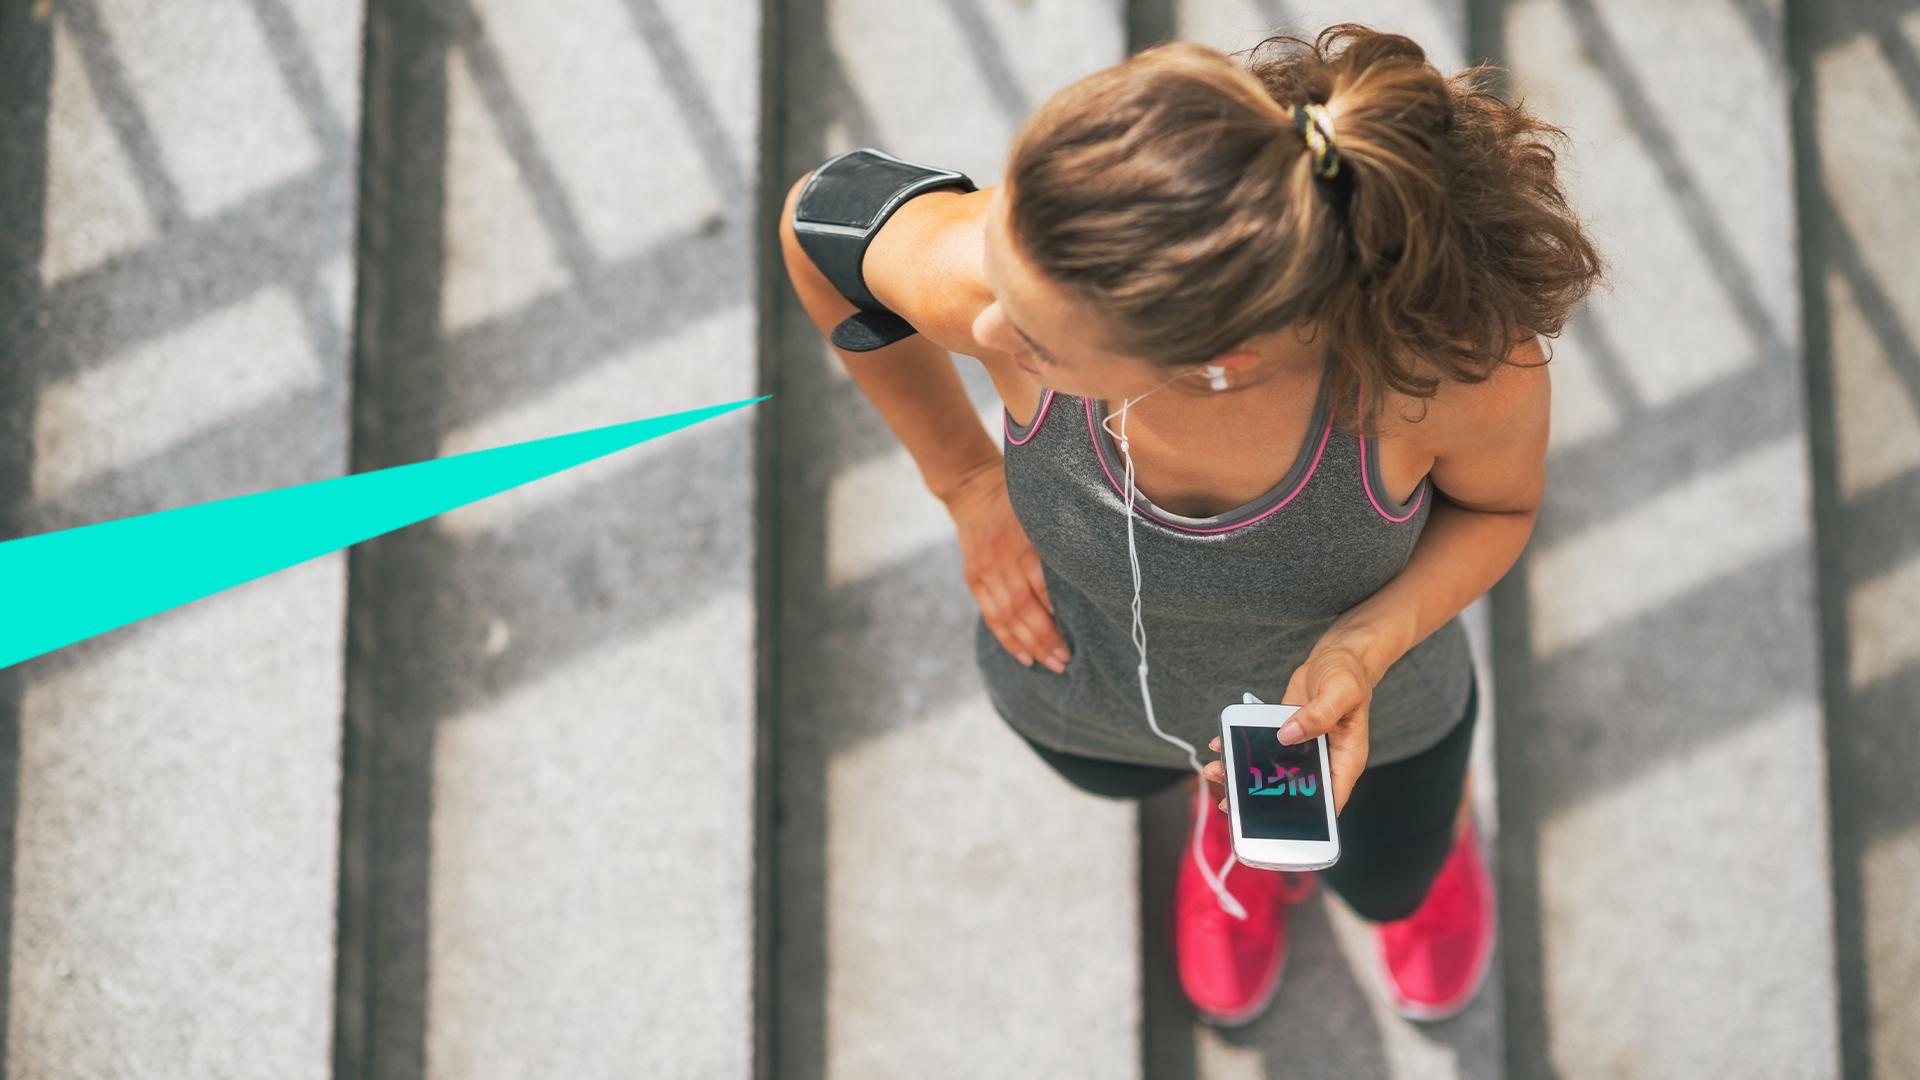 ejercicio aeróbico, mujer, entrenamiento, fitness, NFT